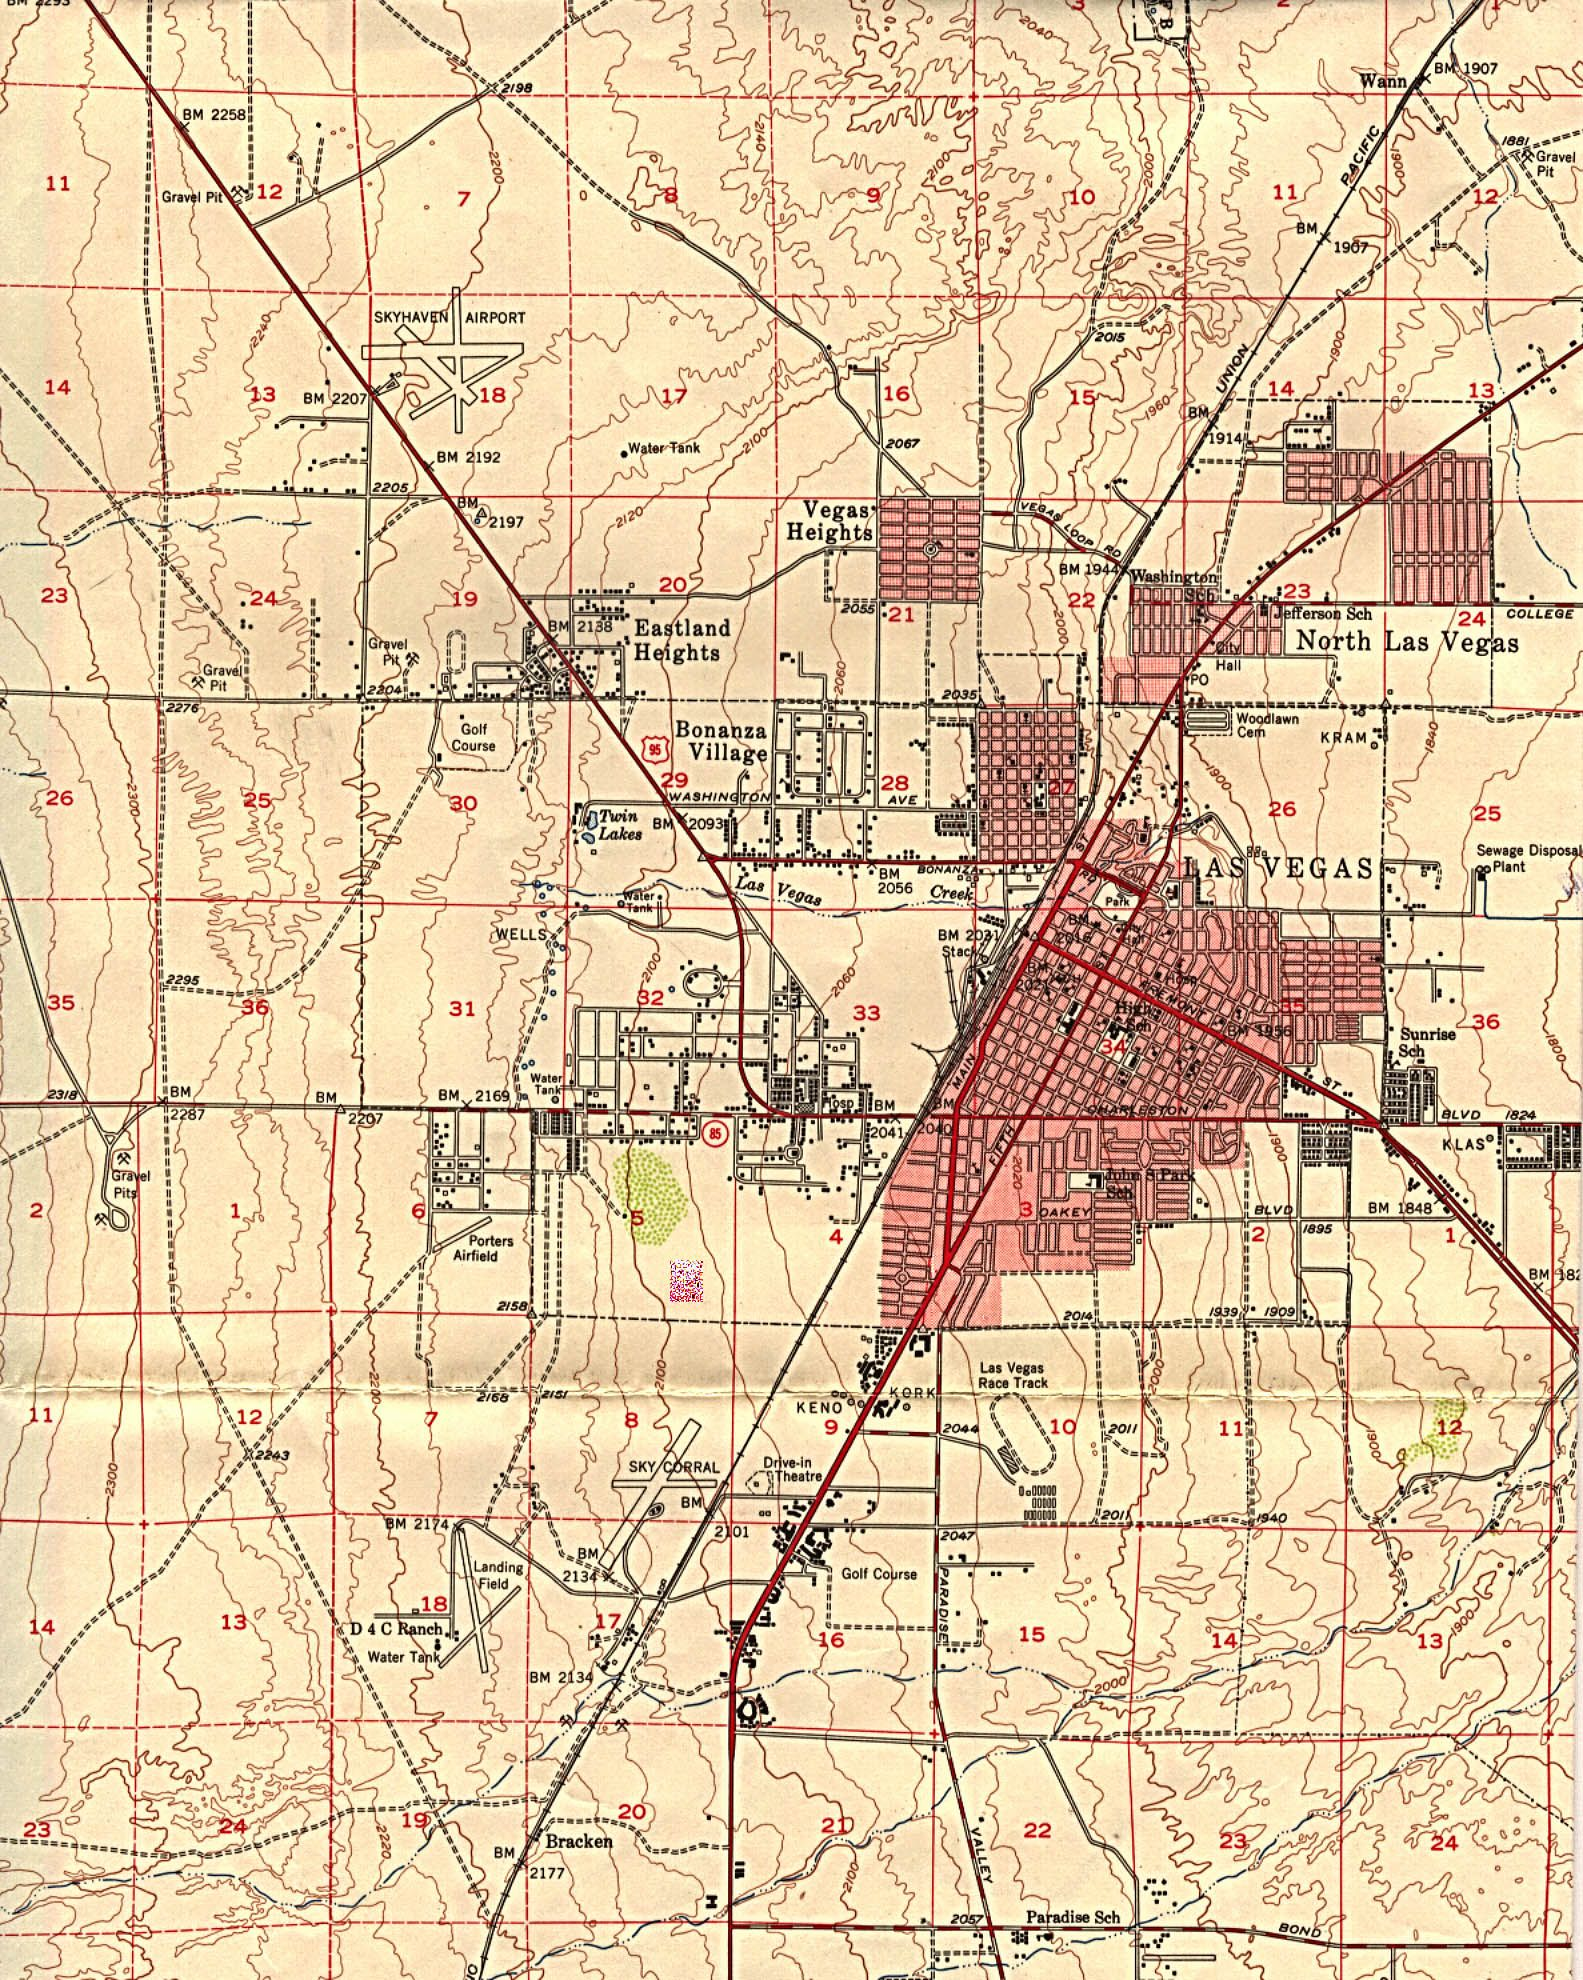 Httpwwwlibutexasedumapshistoricallasvegasjpg Las - Us geological survey maps historical